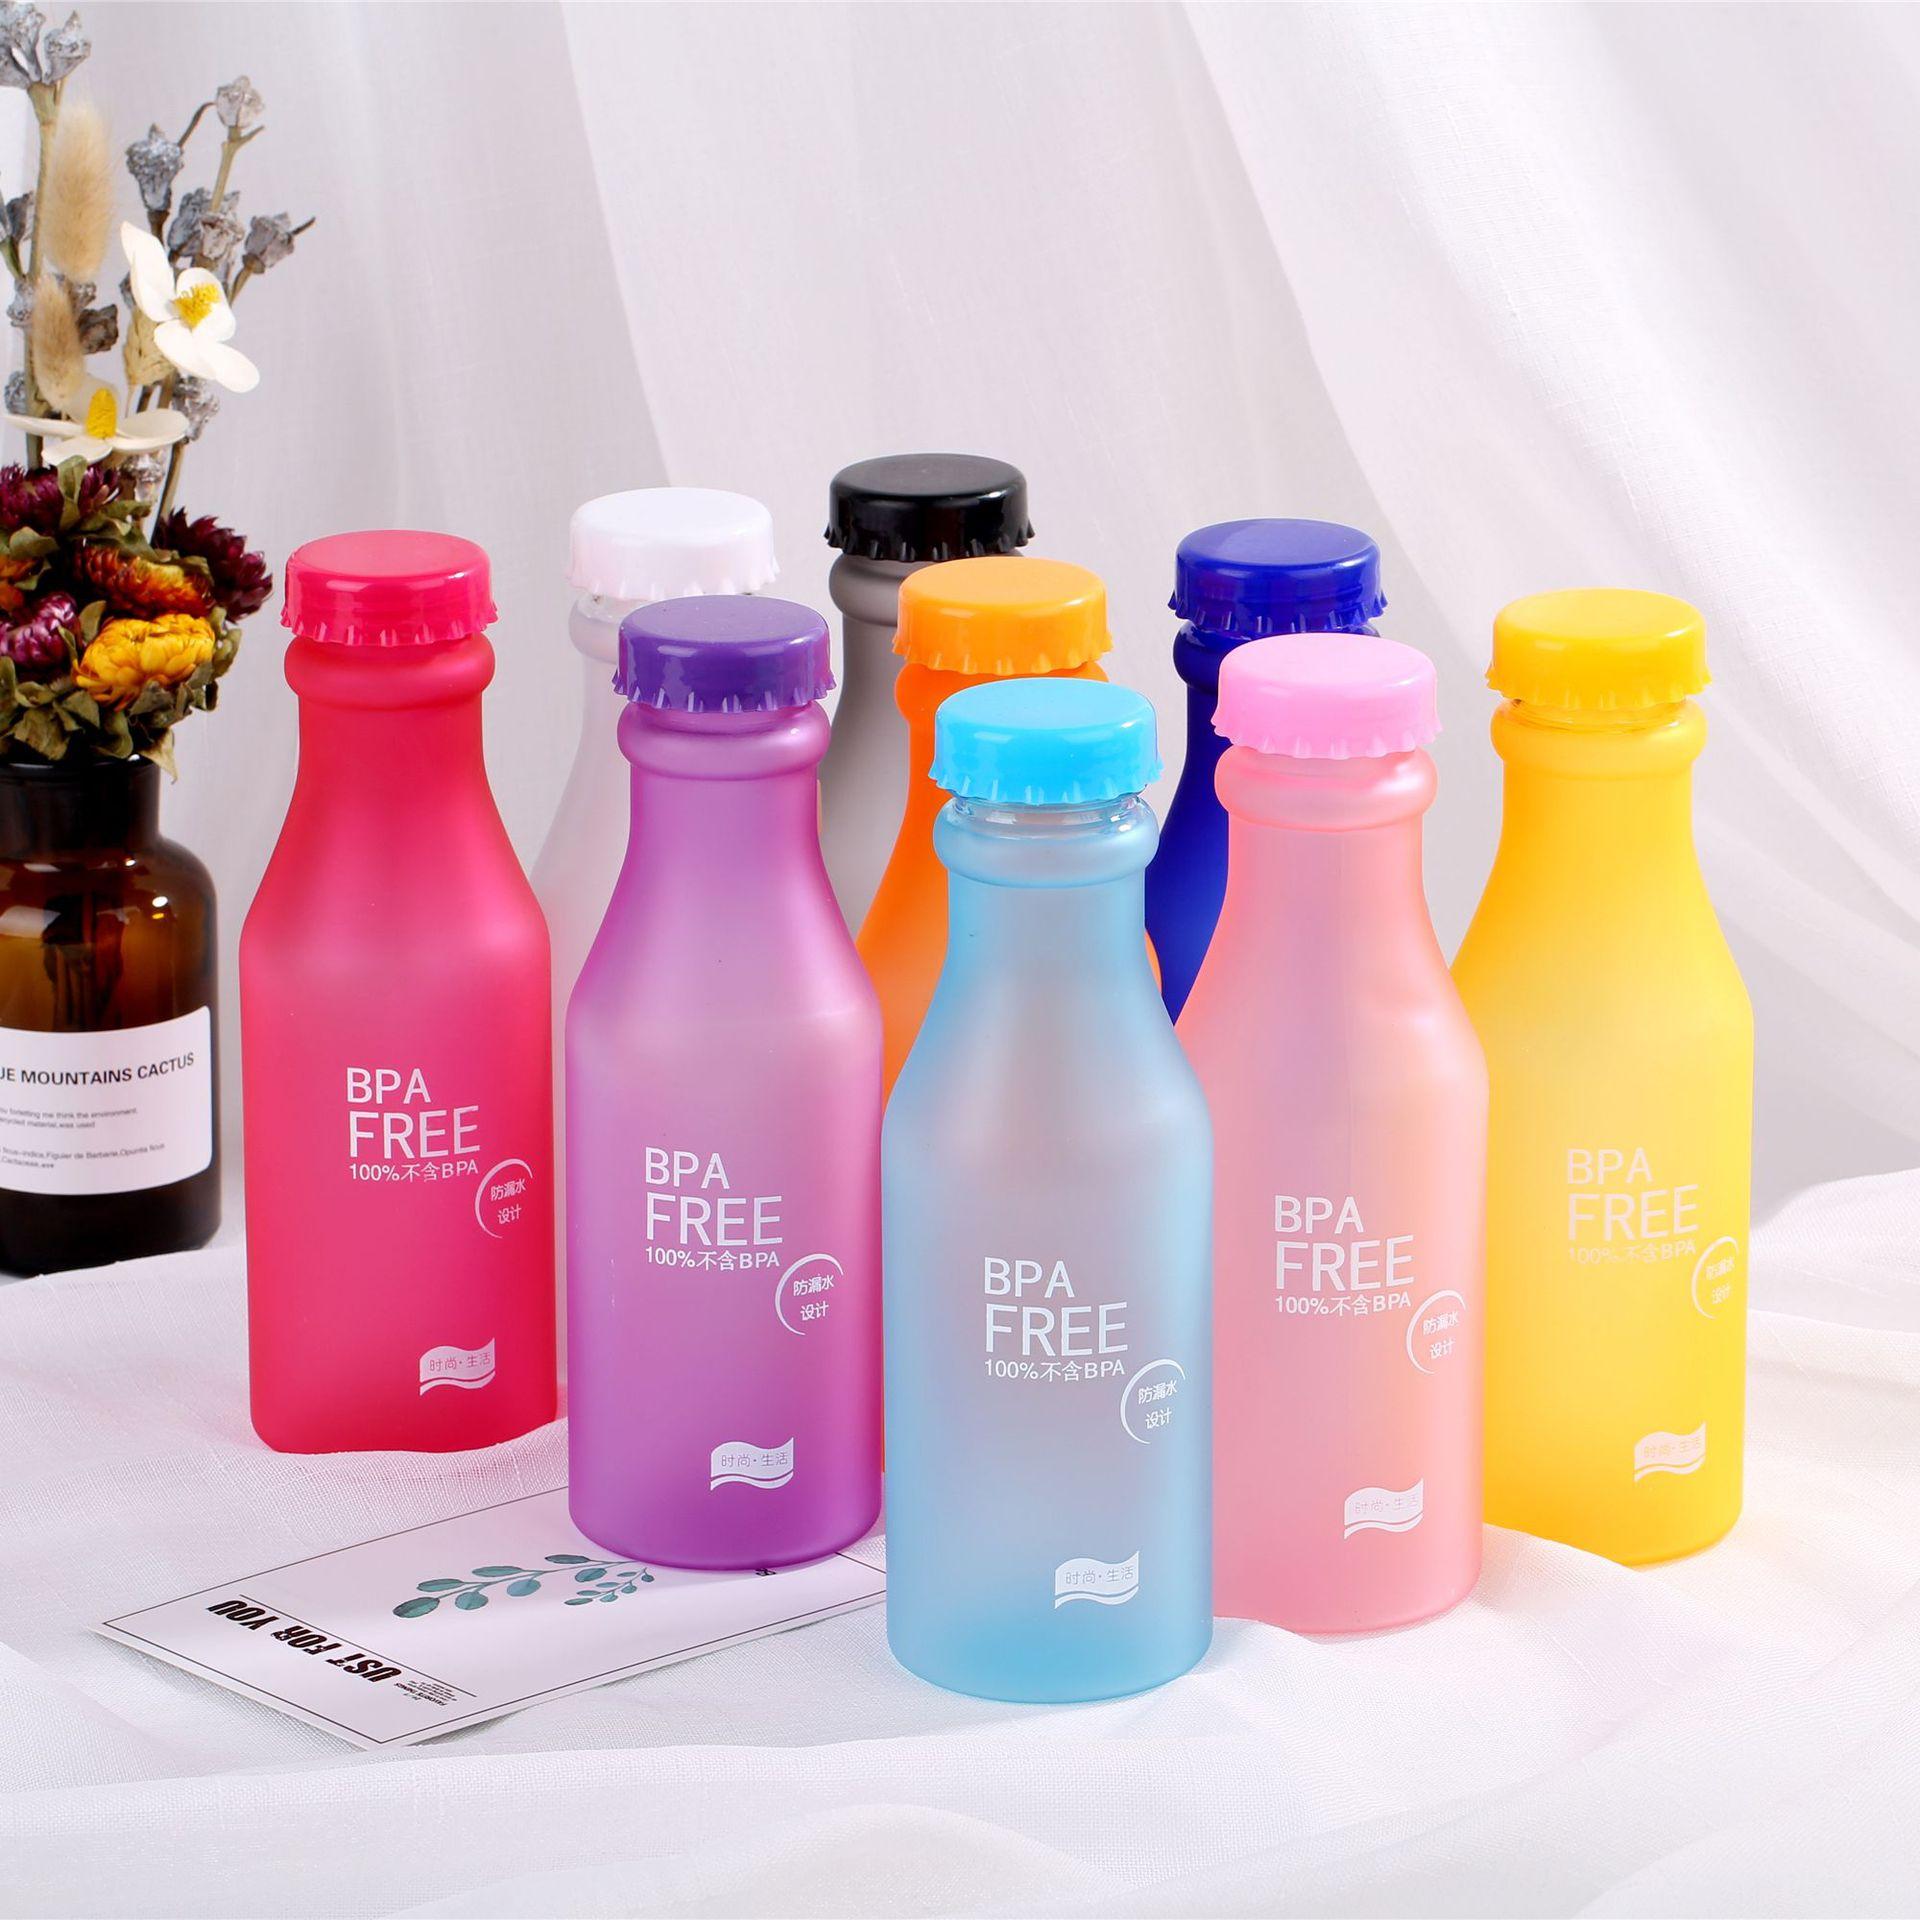 زجاجة مياه كريستال شفاف متجمد مانعة للتسرب غلاية من البلاستيك 550 مللي زجاجة مياه محمولة للسفر اليوغا تشغيل التخييم